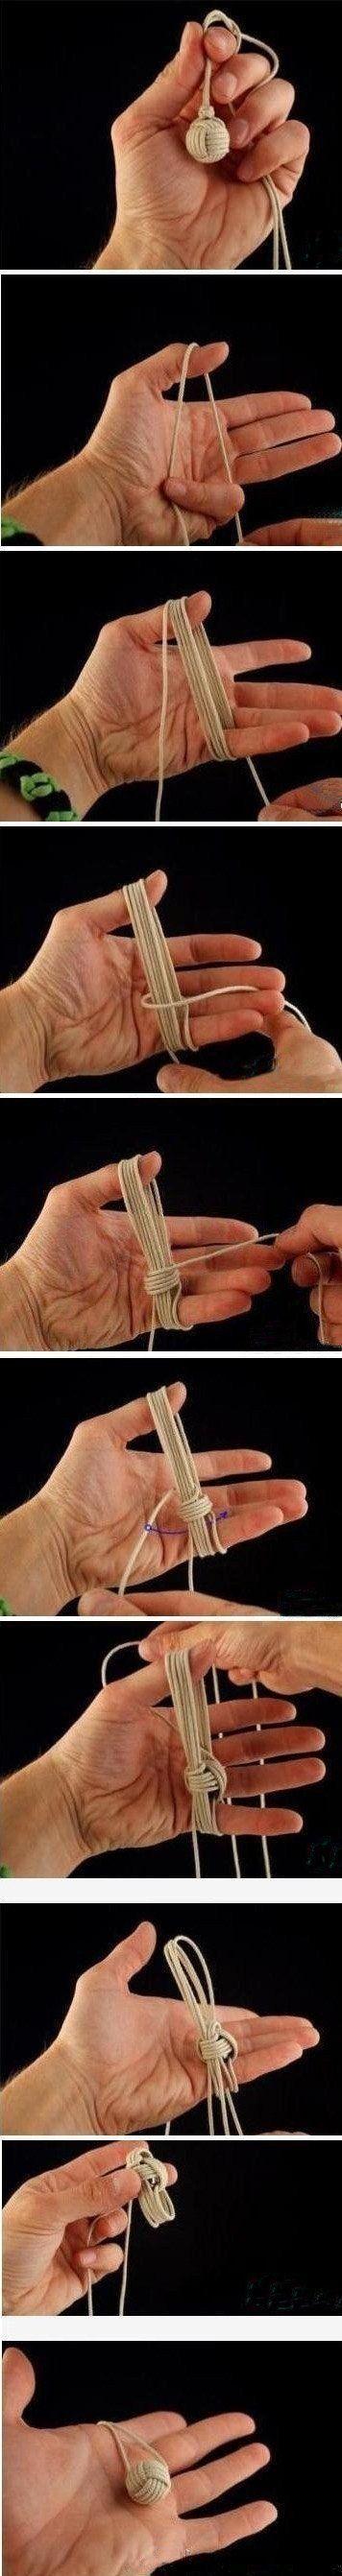 knot - kind of looks like a ball of yarn